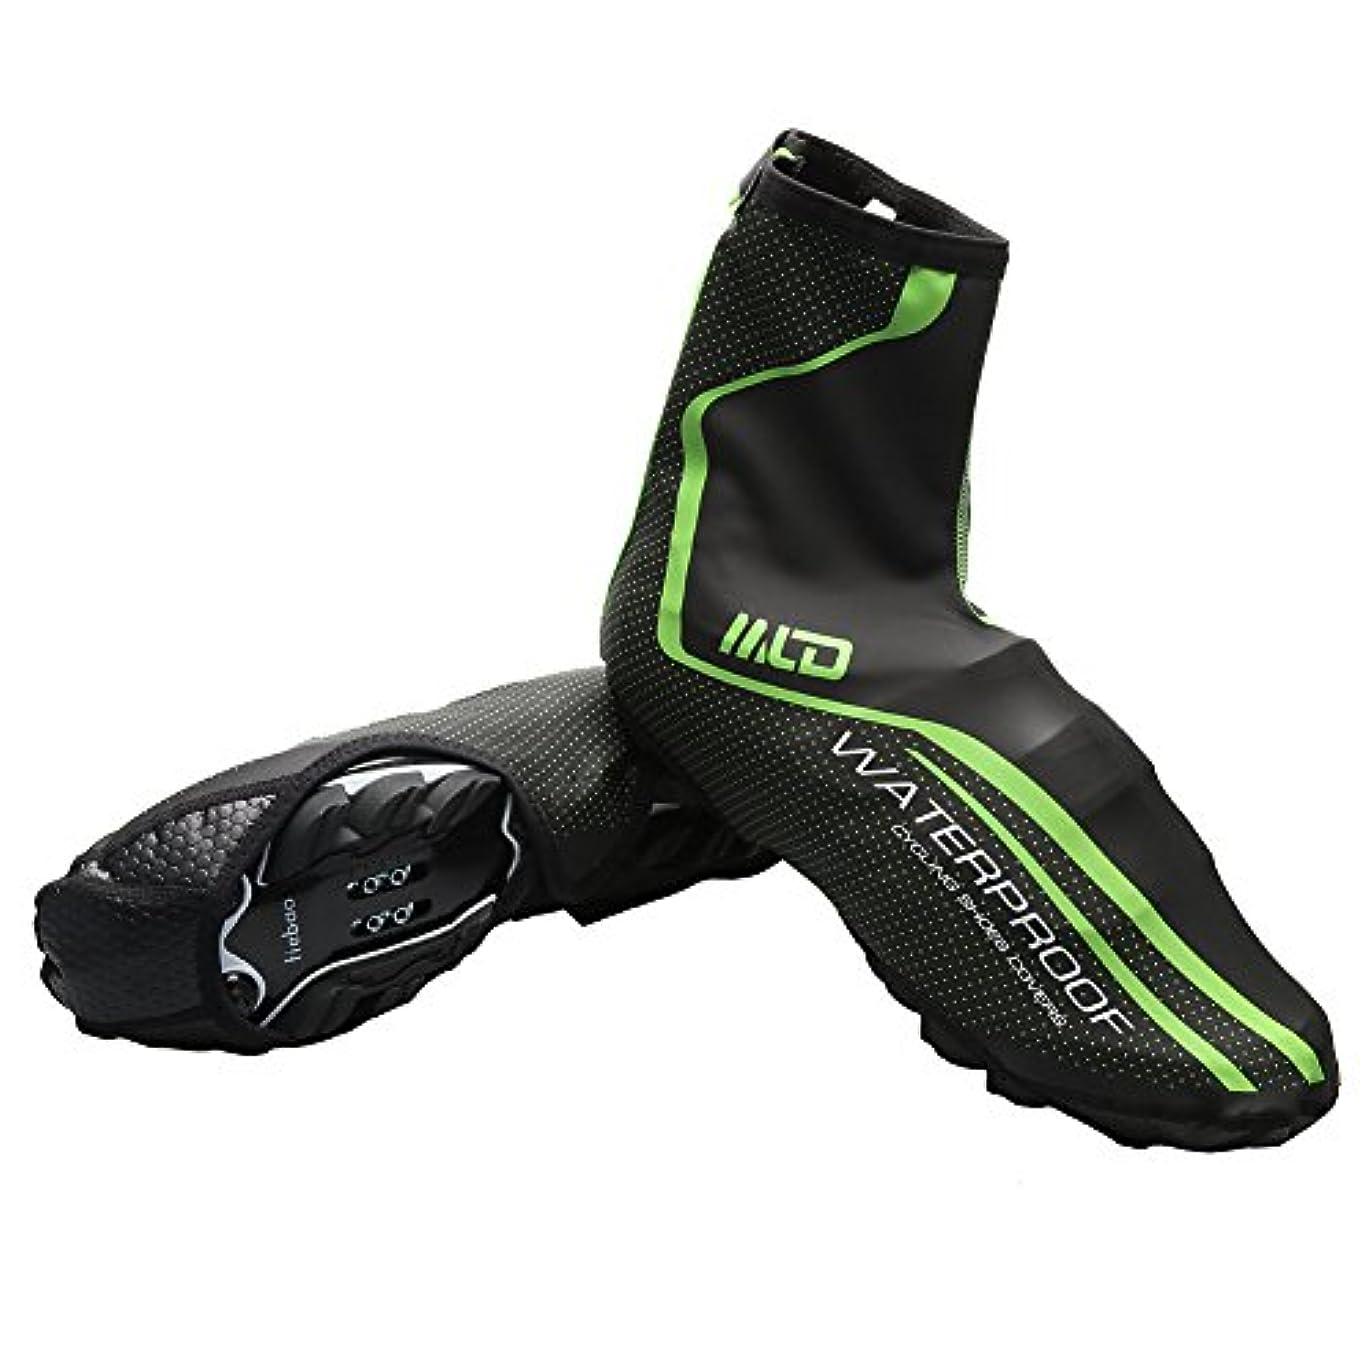 不承認ミントキノコWest Biking防水雨防風靴カバーメンズサイクリングブーツフラットOvershoesギア滑り止め(サイズM - L、レッドグリーン)